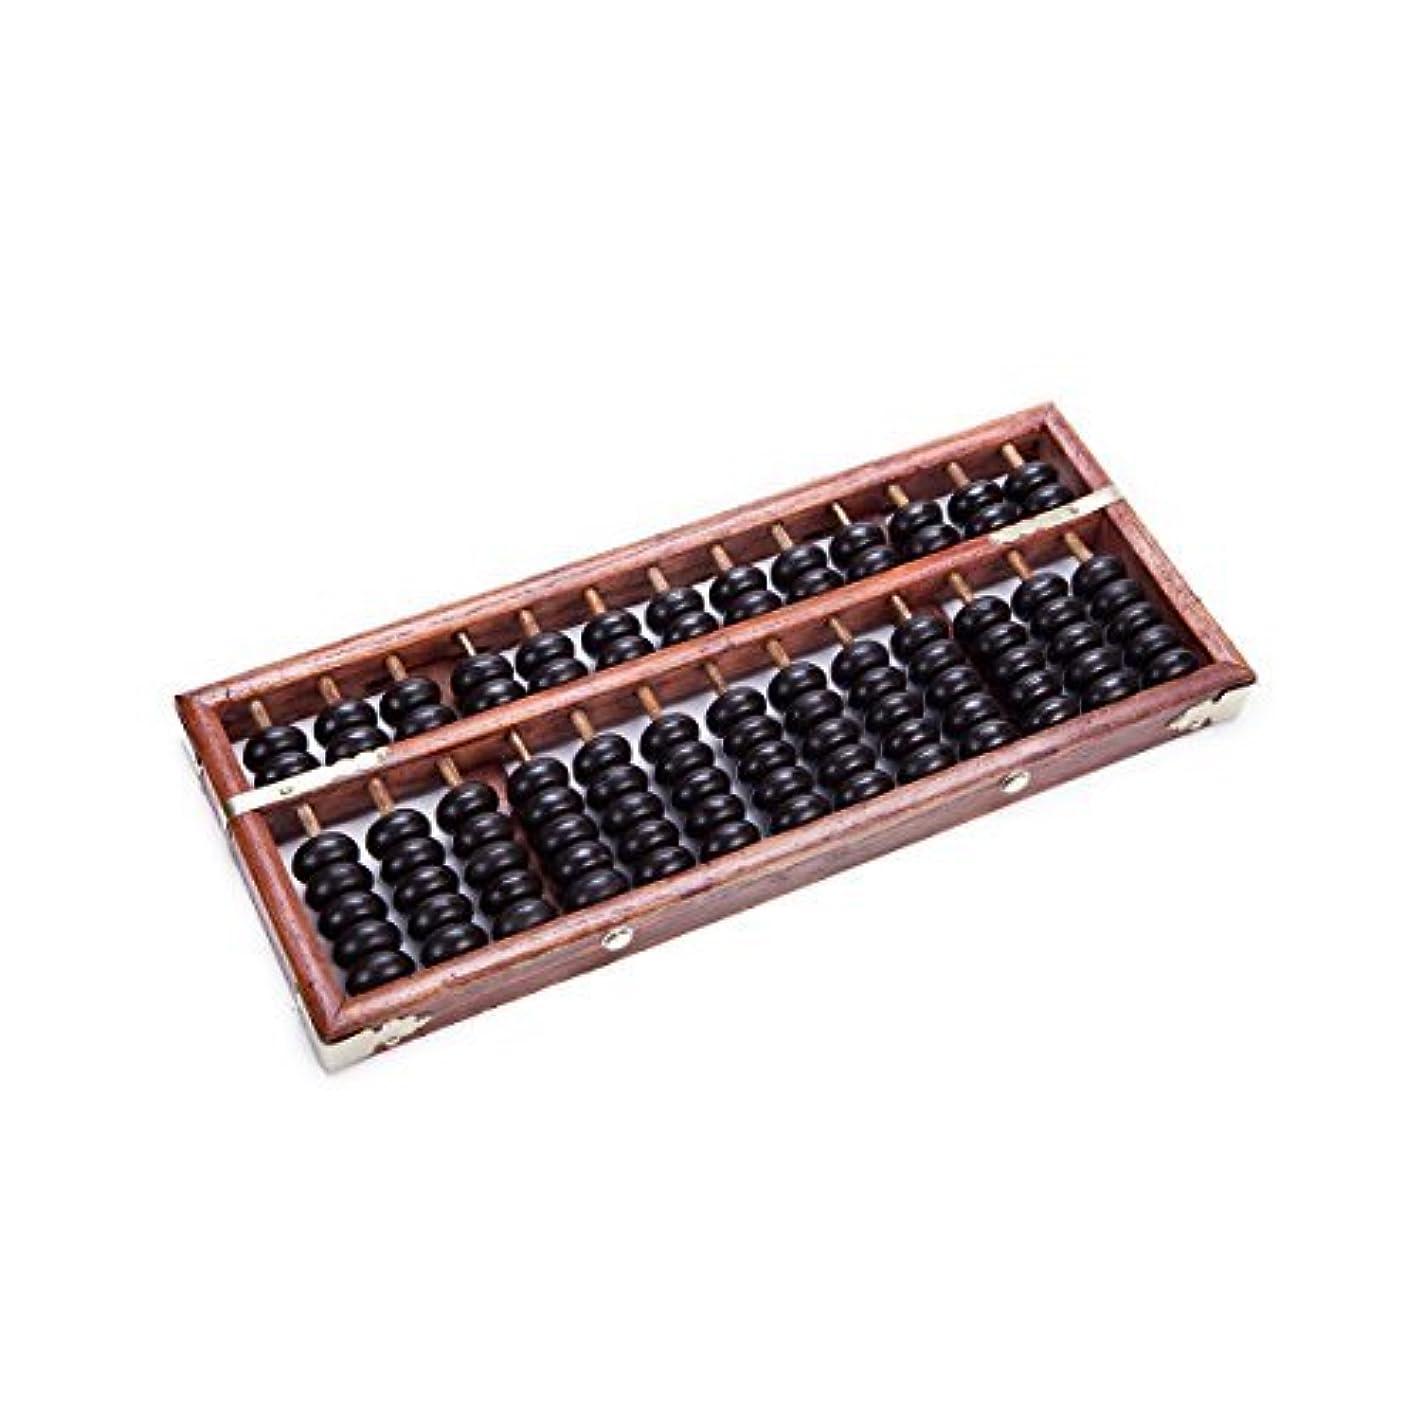 国民投票麻痺させる元のVintage-Style 13 Digits Rods Wooden Abacus Soroban Chinese Calculator Counting Tool 11 [並行輸入品]